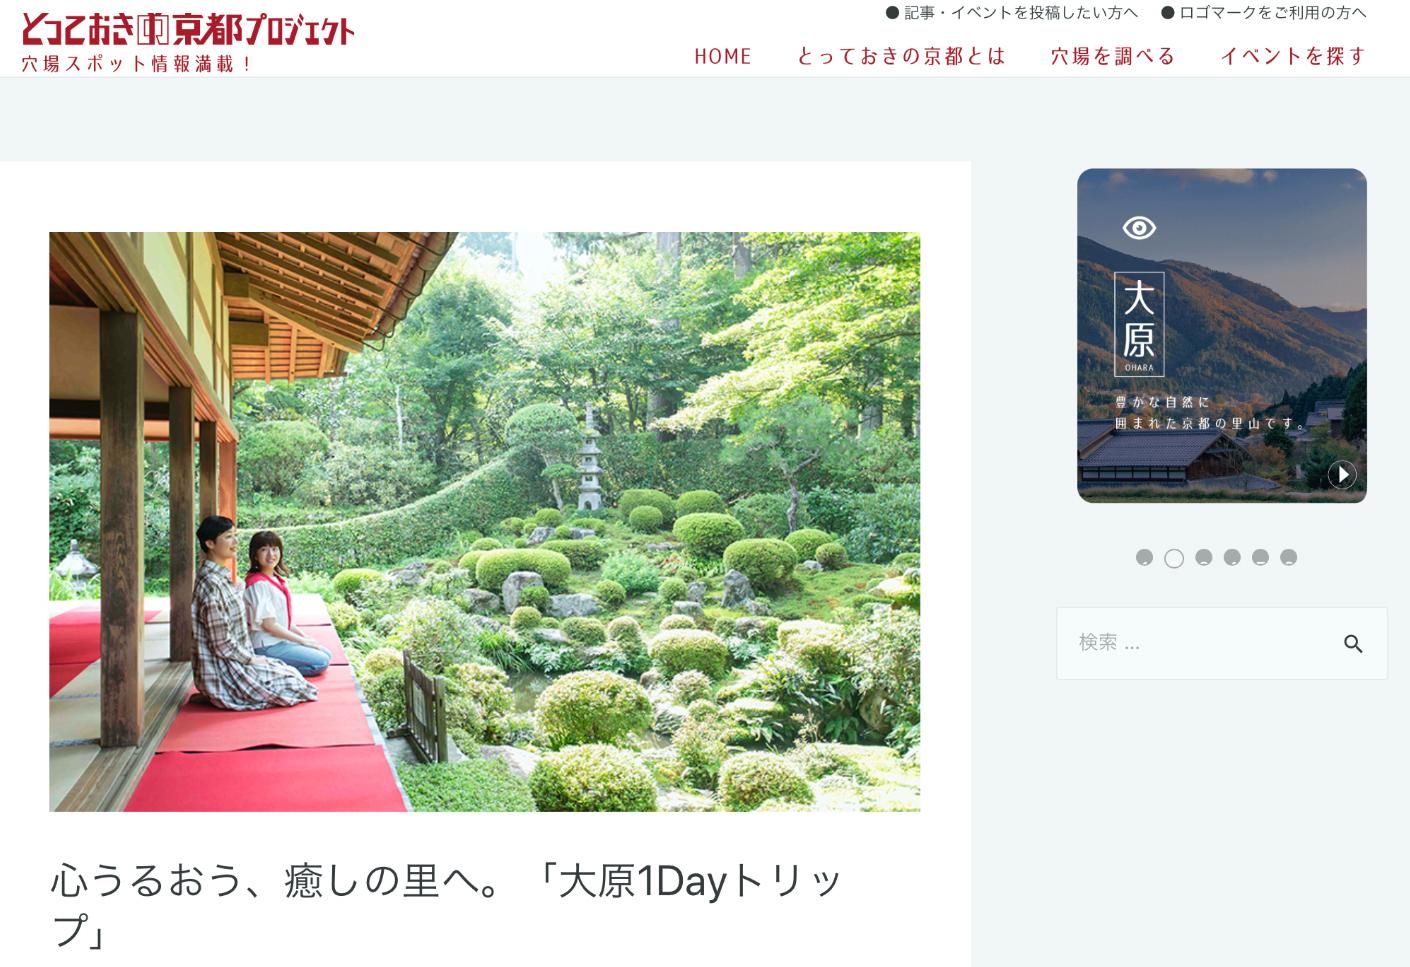 「とっておきの京都プロジェクト」で大原の魅力をチェック&投稿しよう!